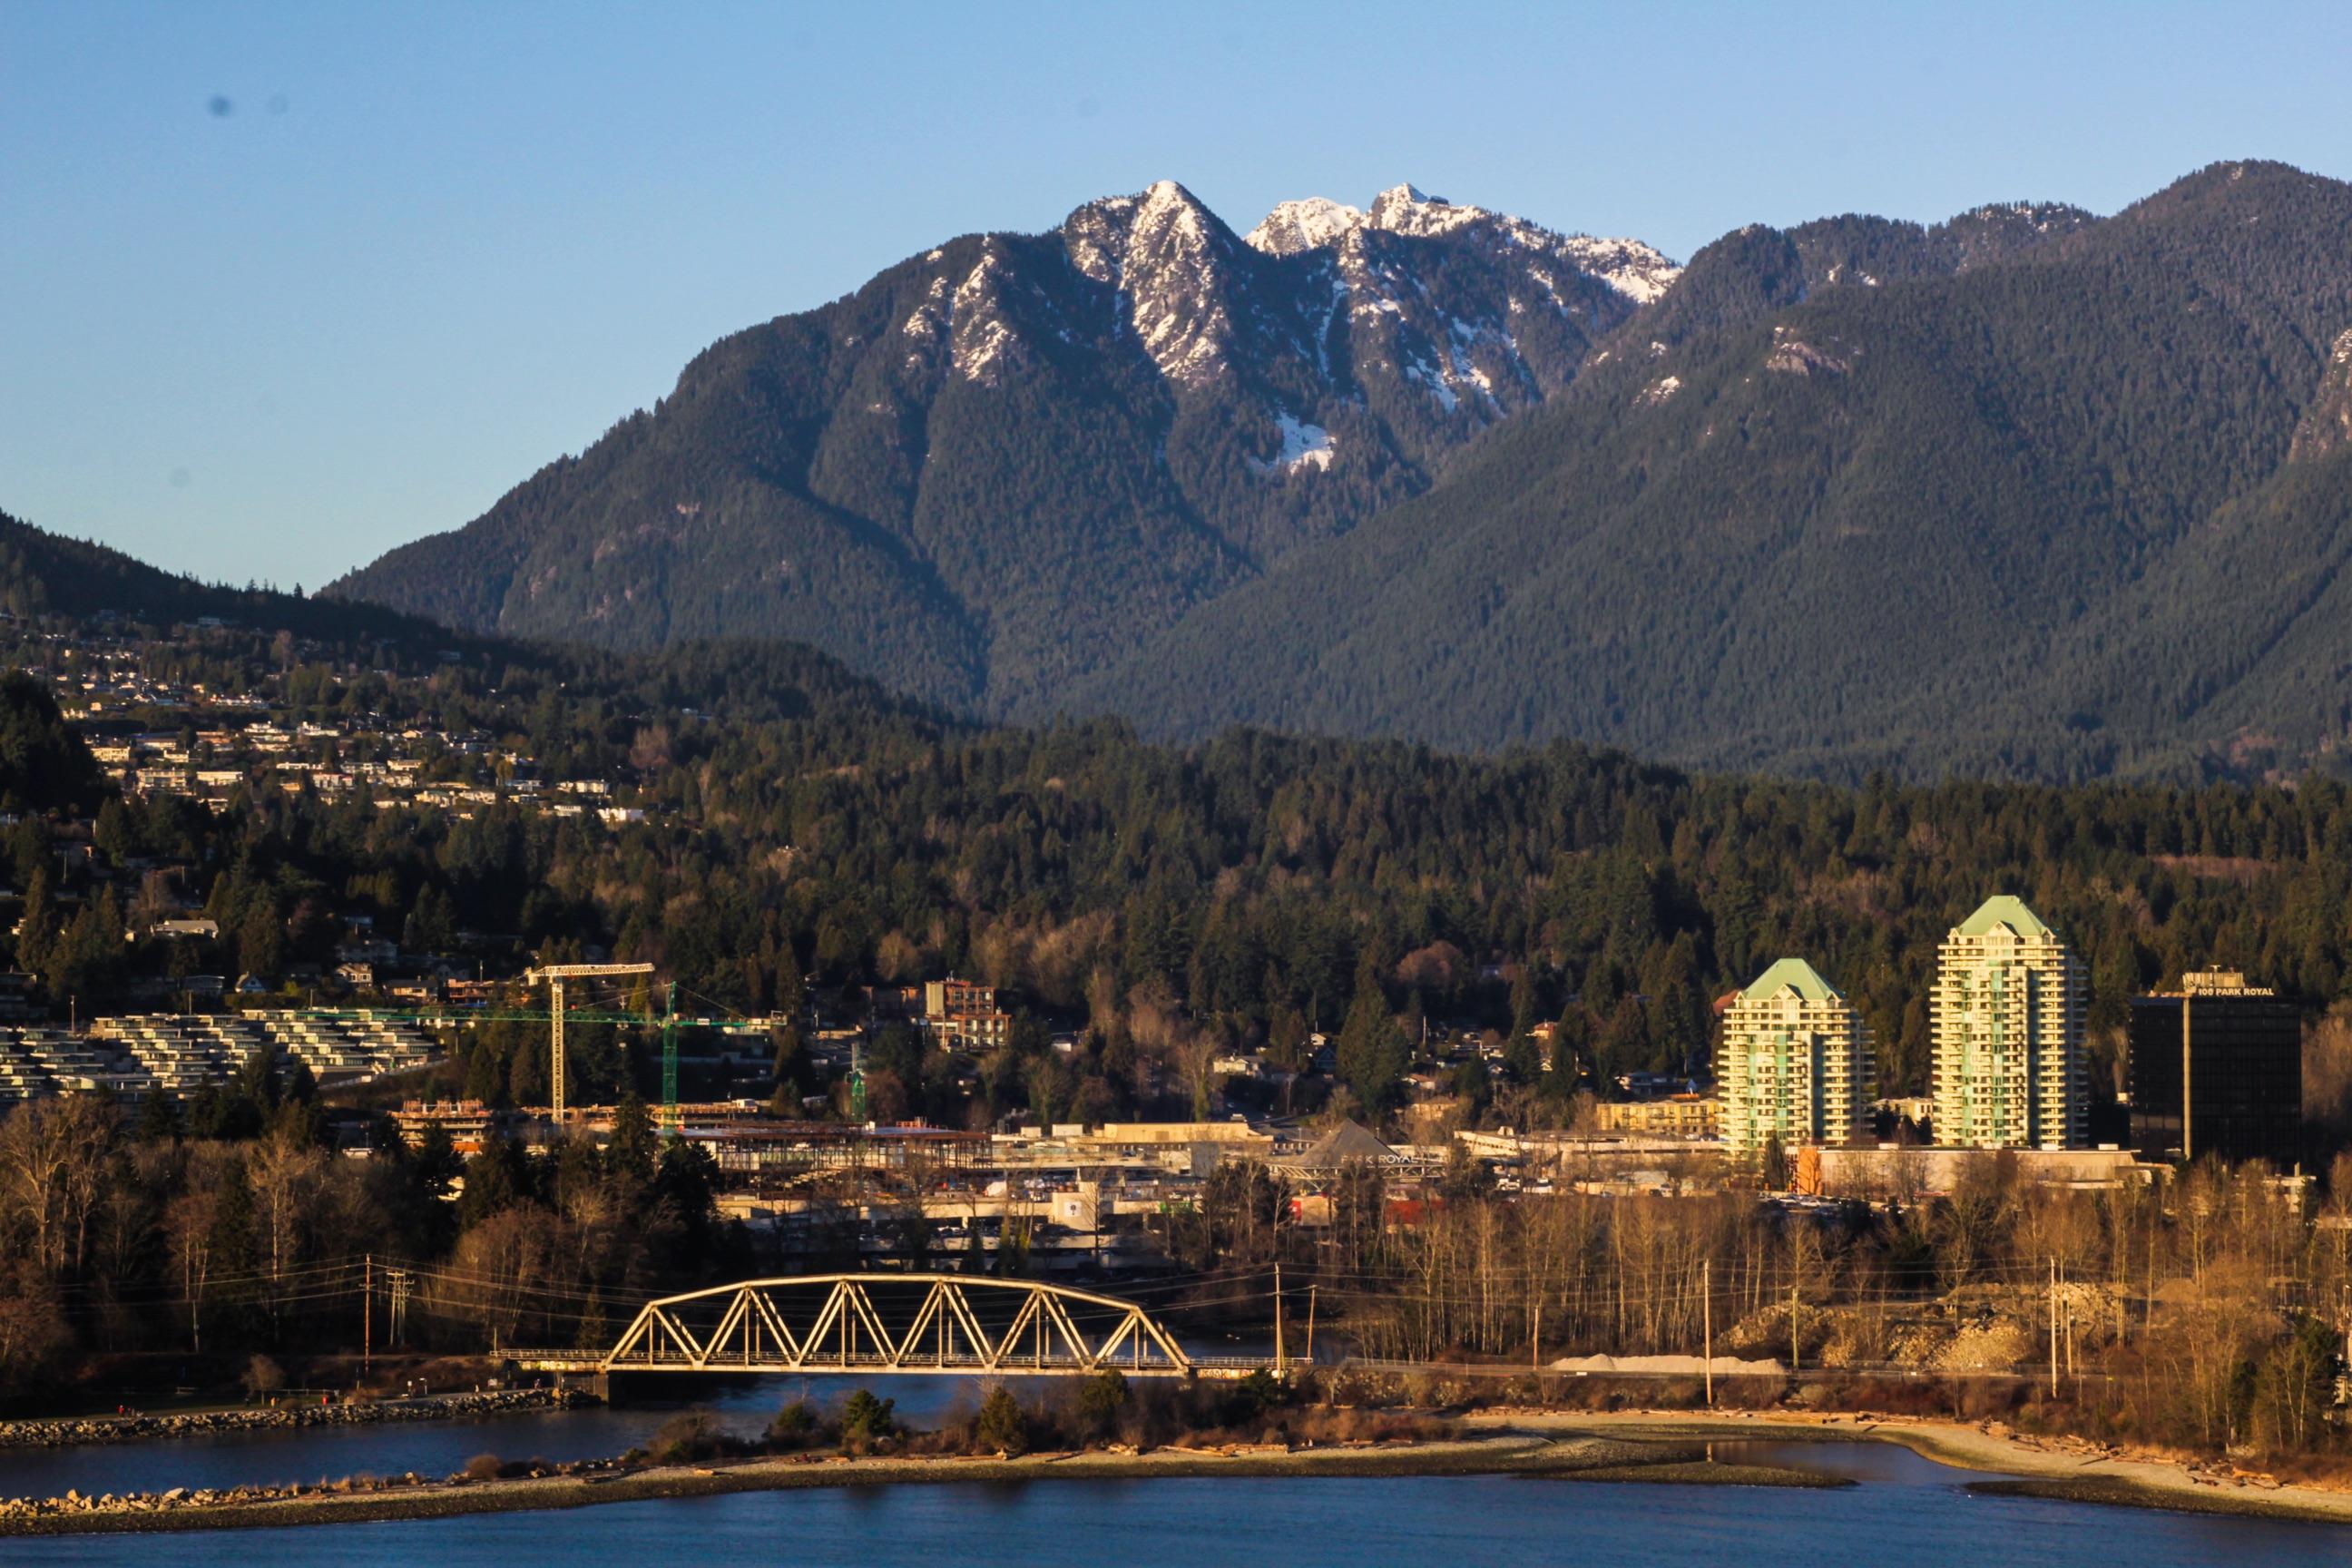 Vankuverio miesto panorama ir Cypress kalnai. Asmeninio archyvo nuotr.